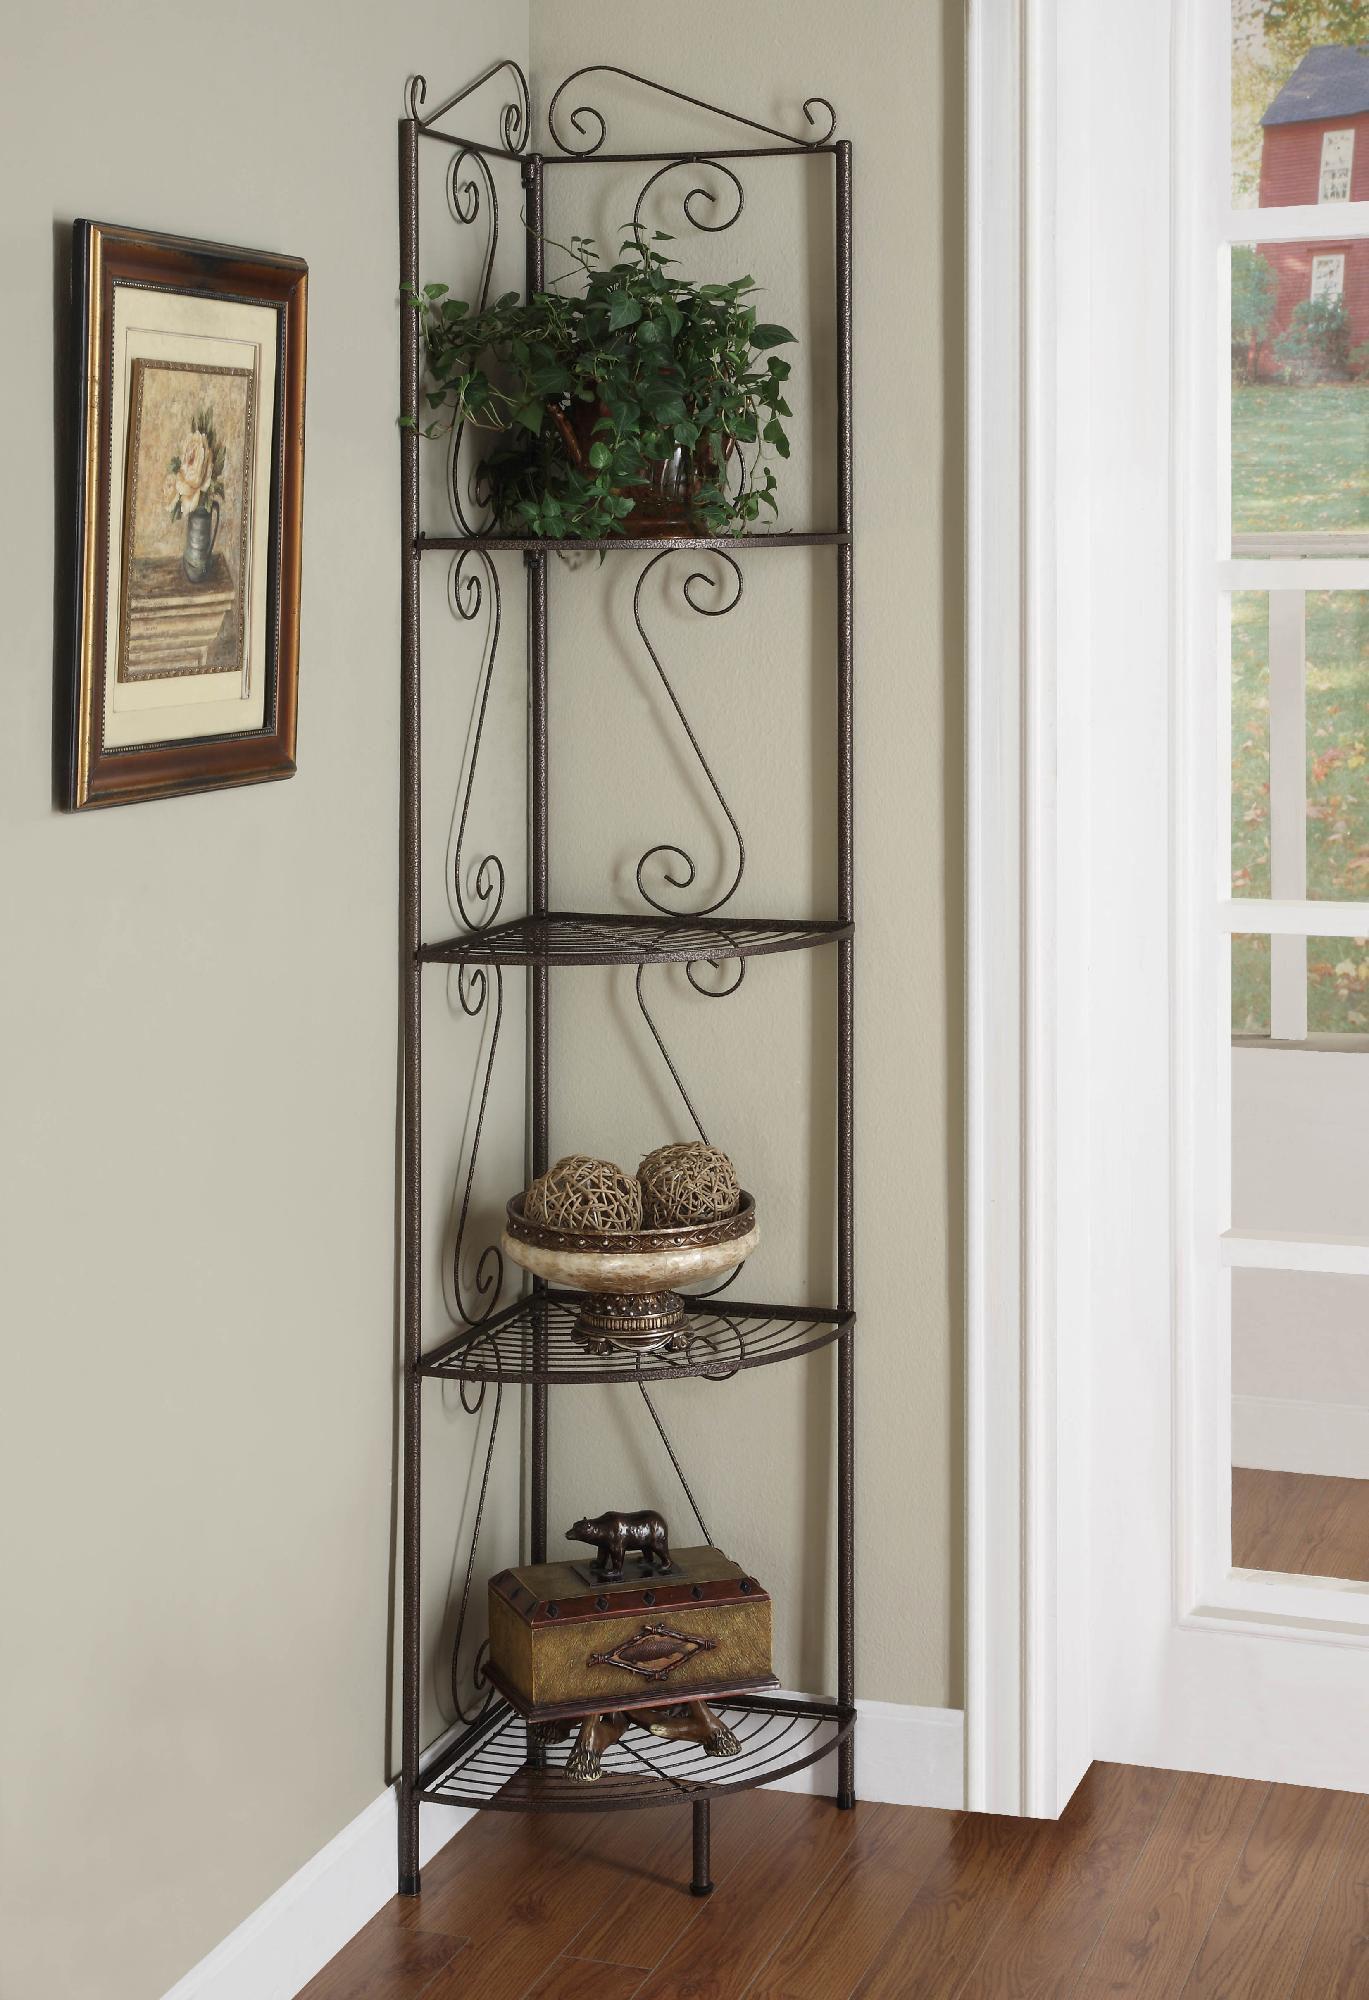 Monarch Specialties Bookcase 70 H Copper Metal Corner